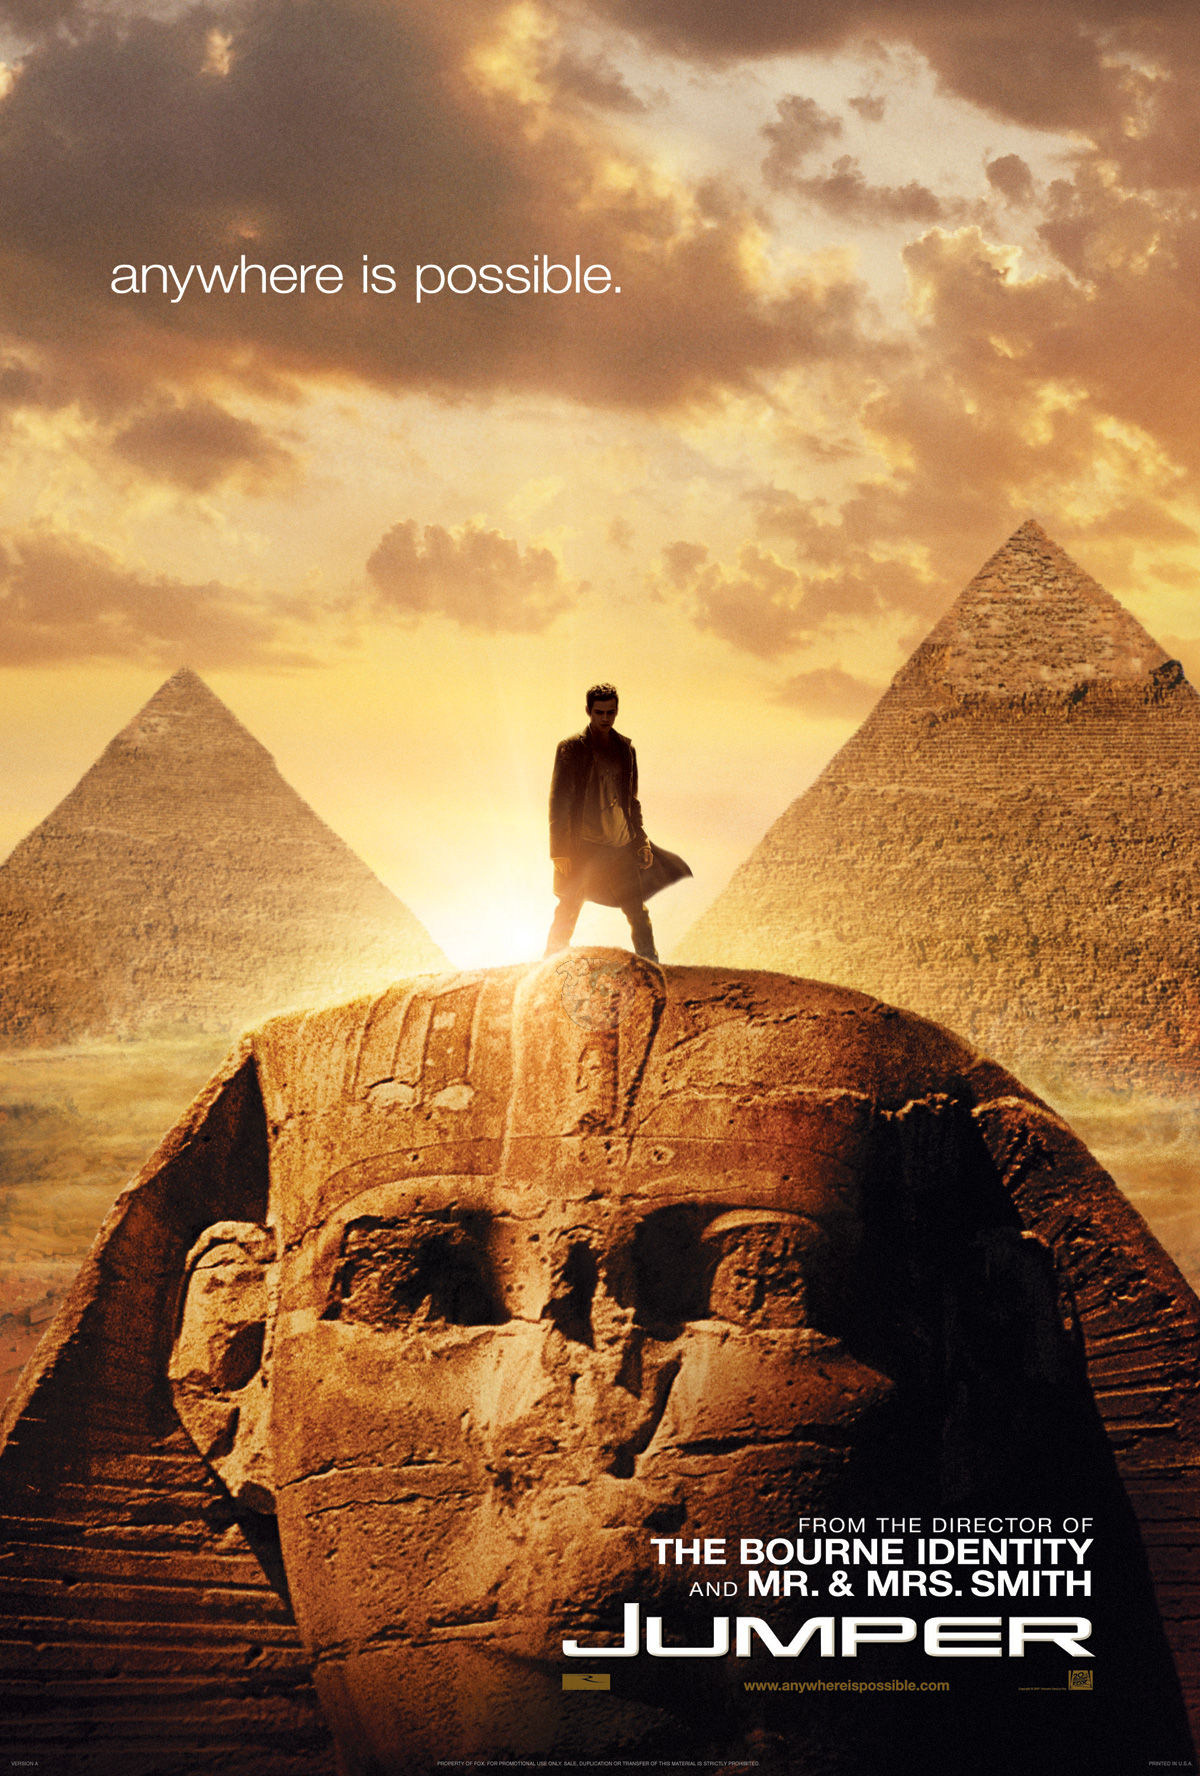 This movie sphinx!